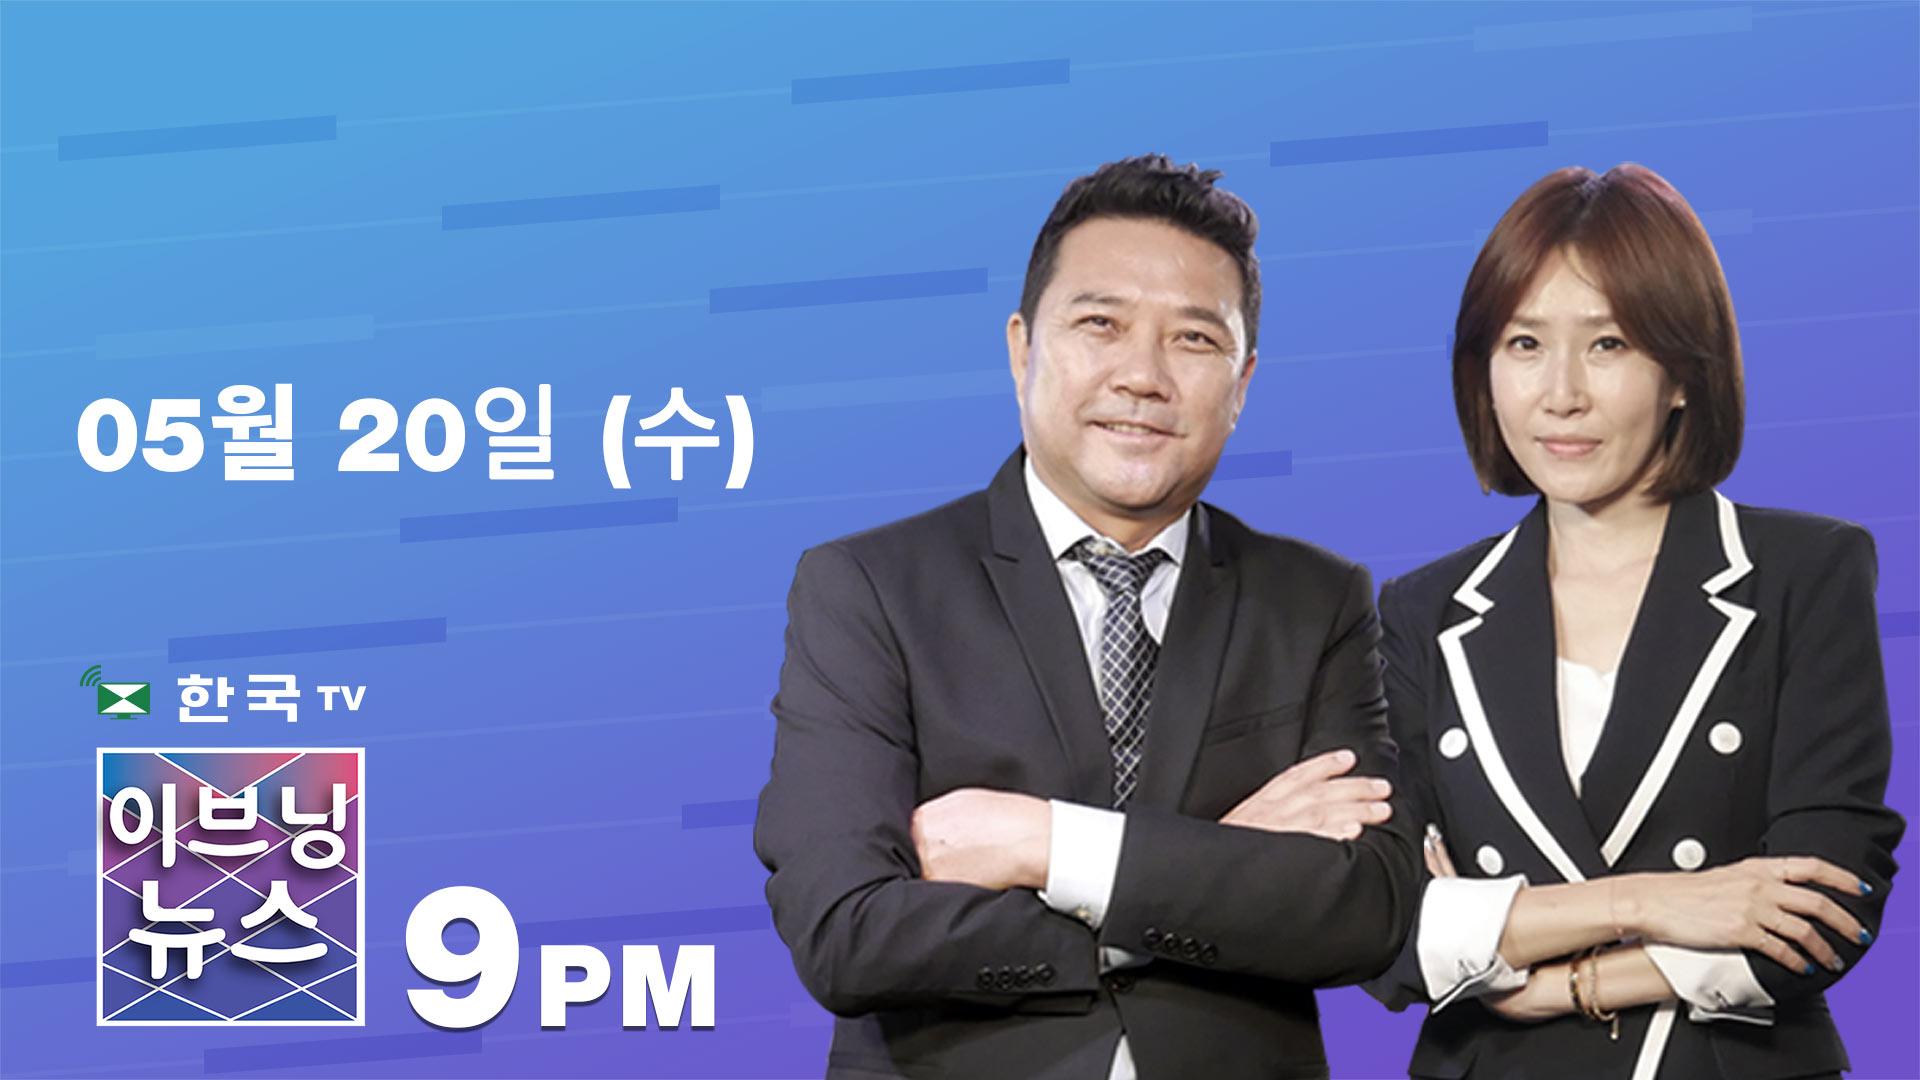 (05.20.2020) 한국TV 이브닝 뉴스